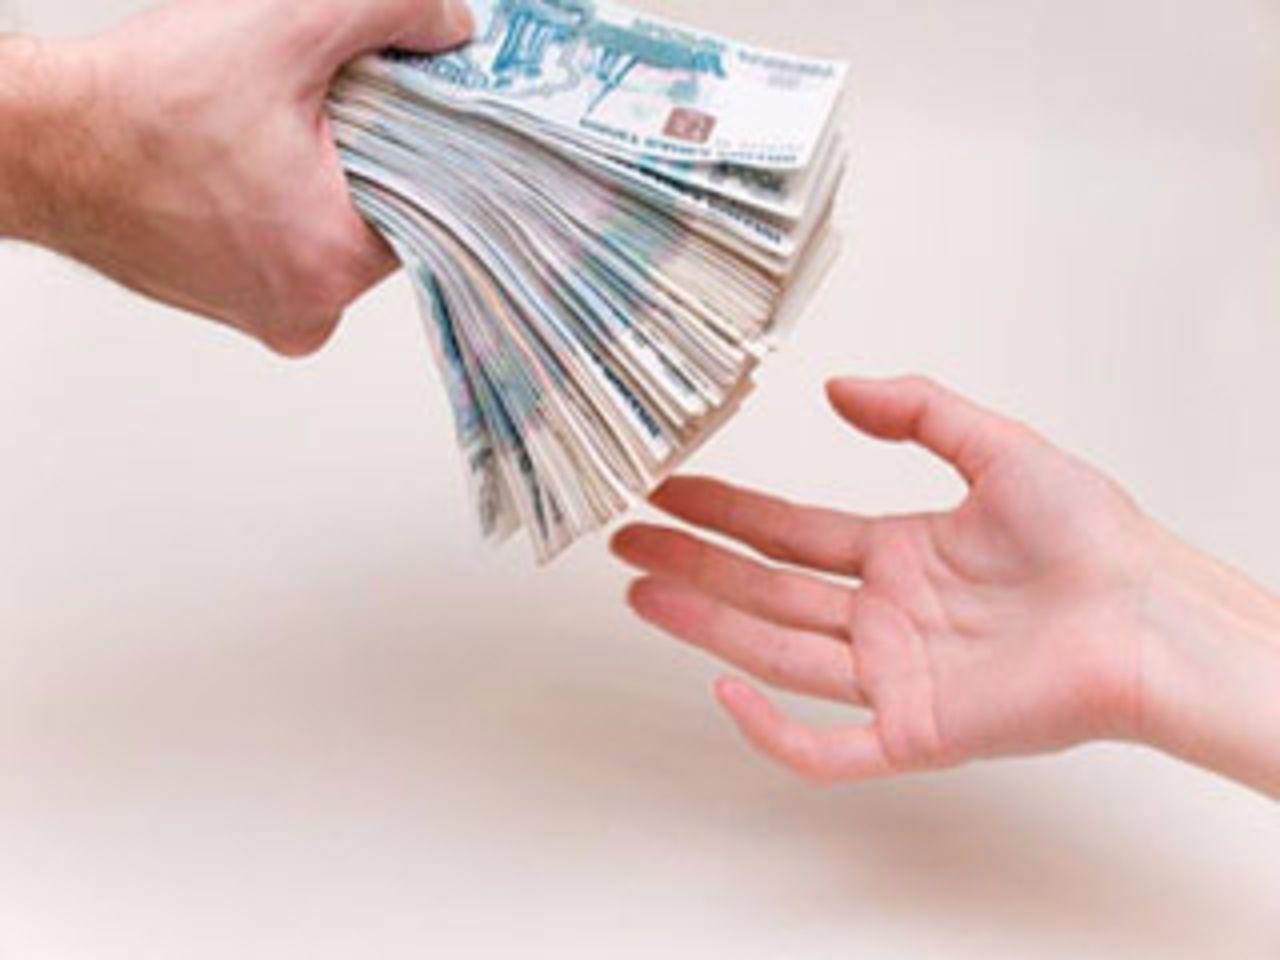 займ кредит деньги в помощь проводка 1 не заполнен счет кредита